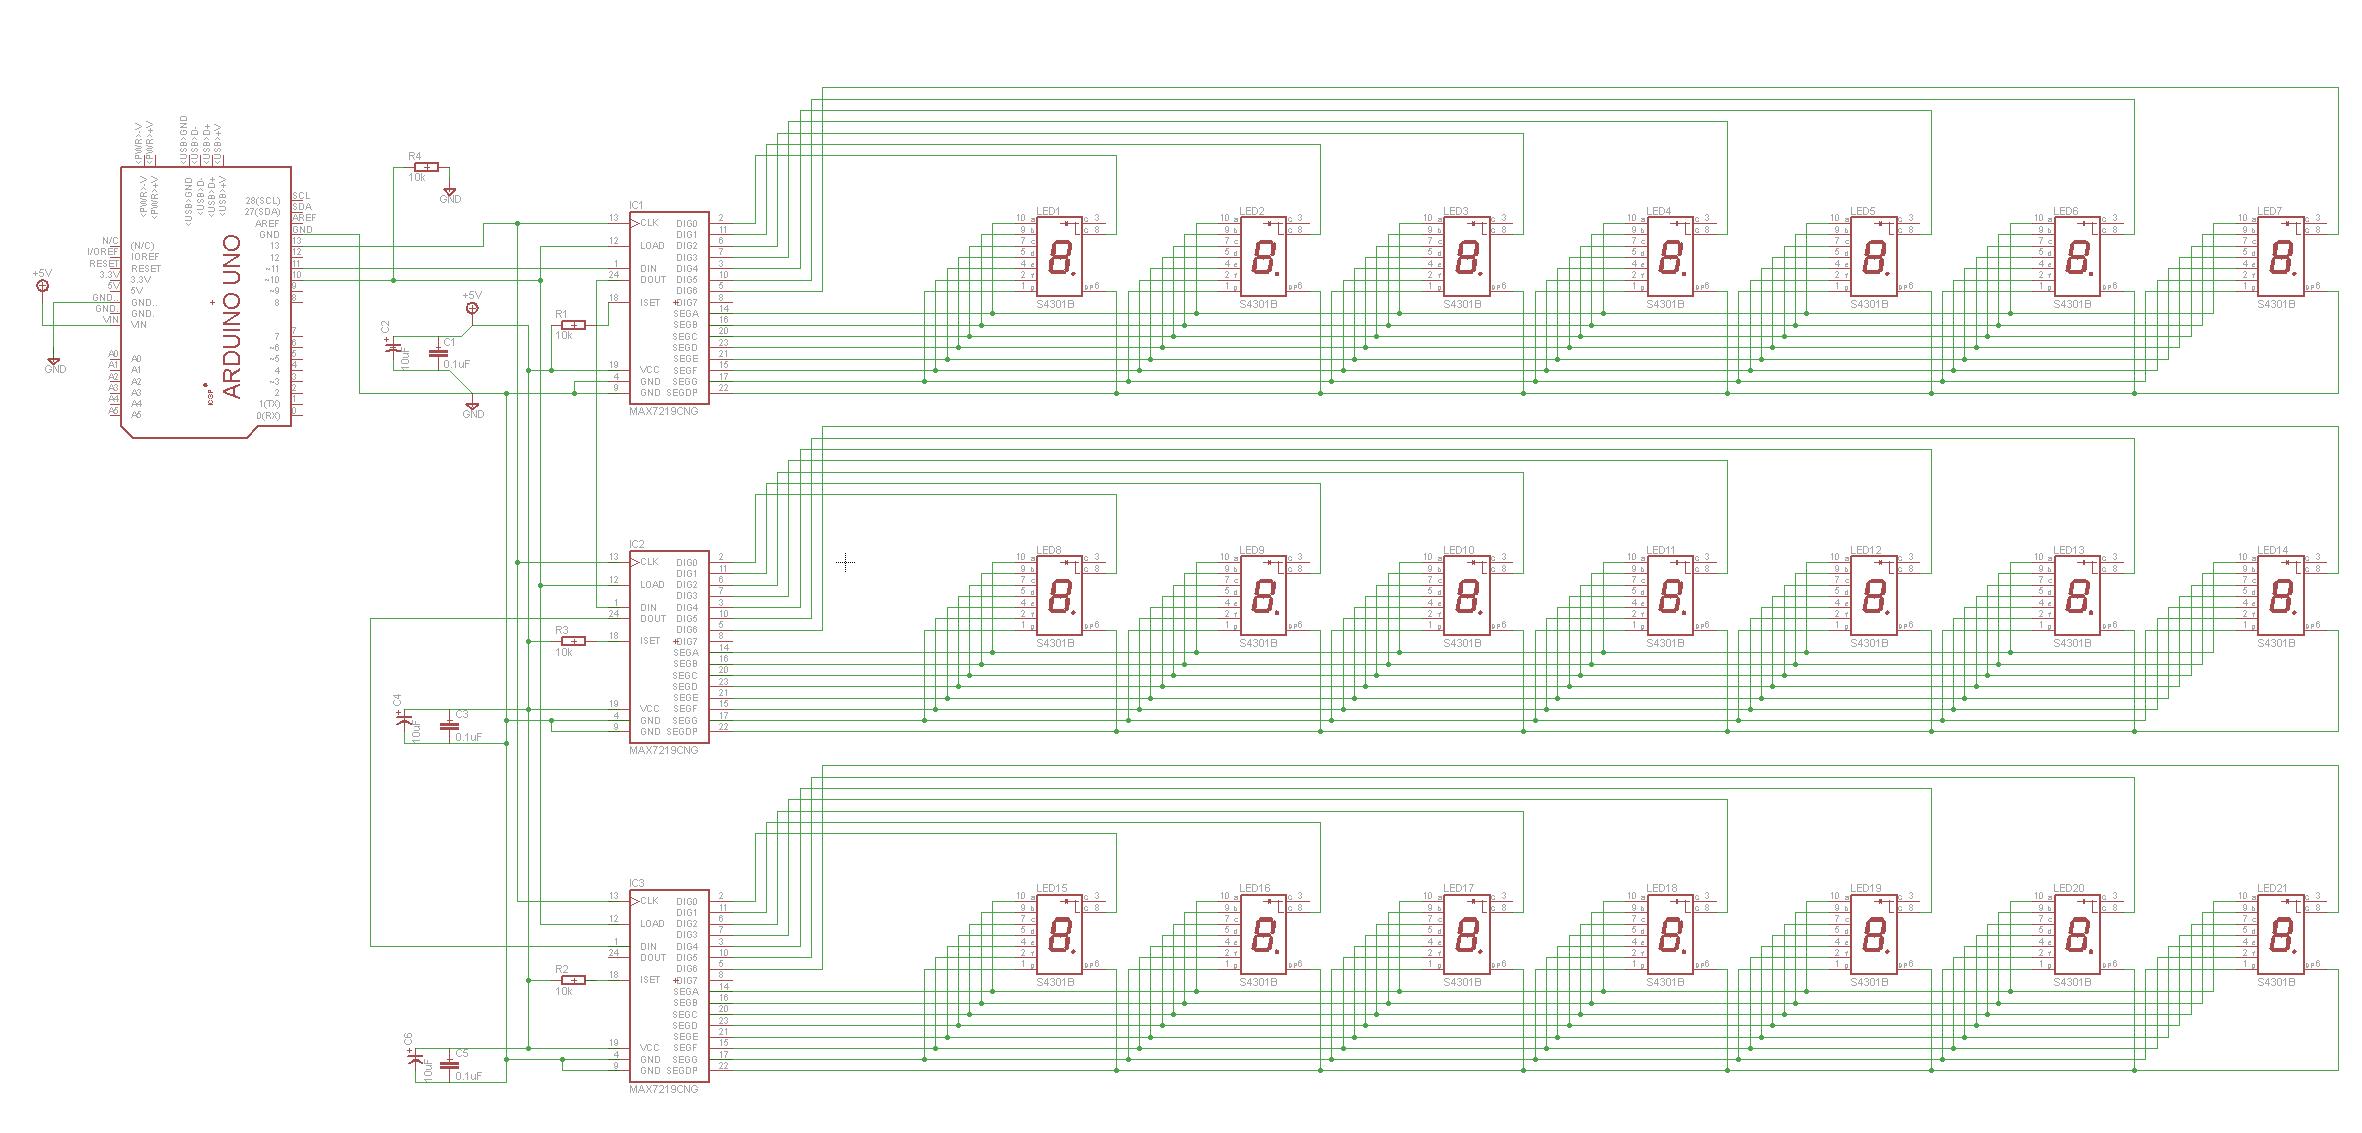 Gemütlich Einfacher Lichtschaltplan Fotos - Elektrische Schaltplan ...